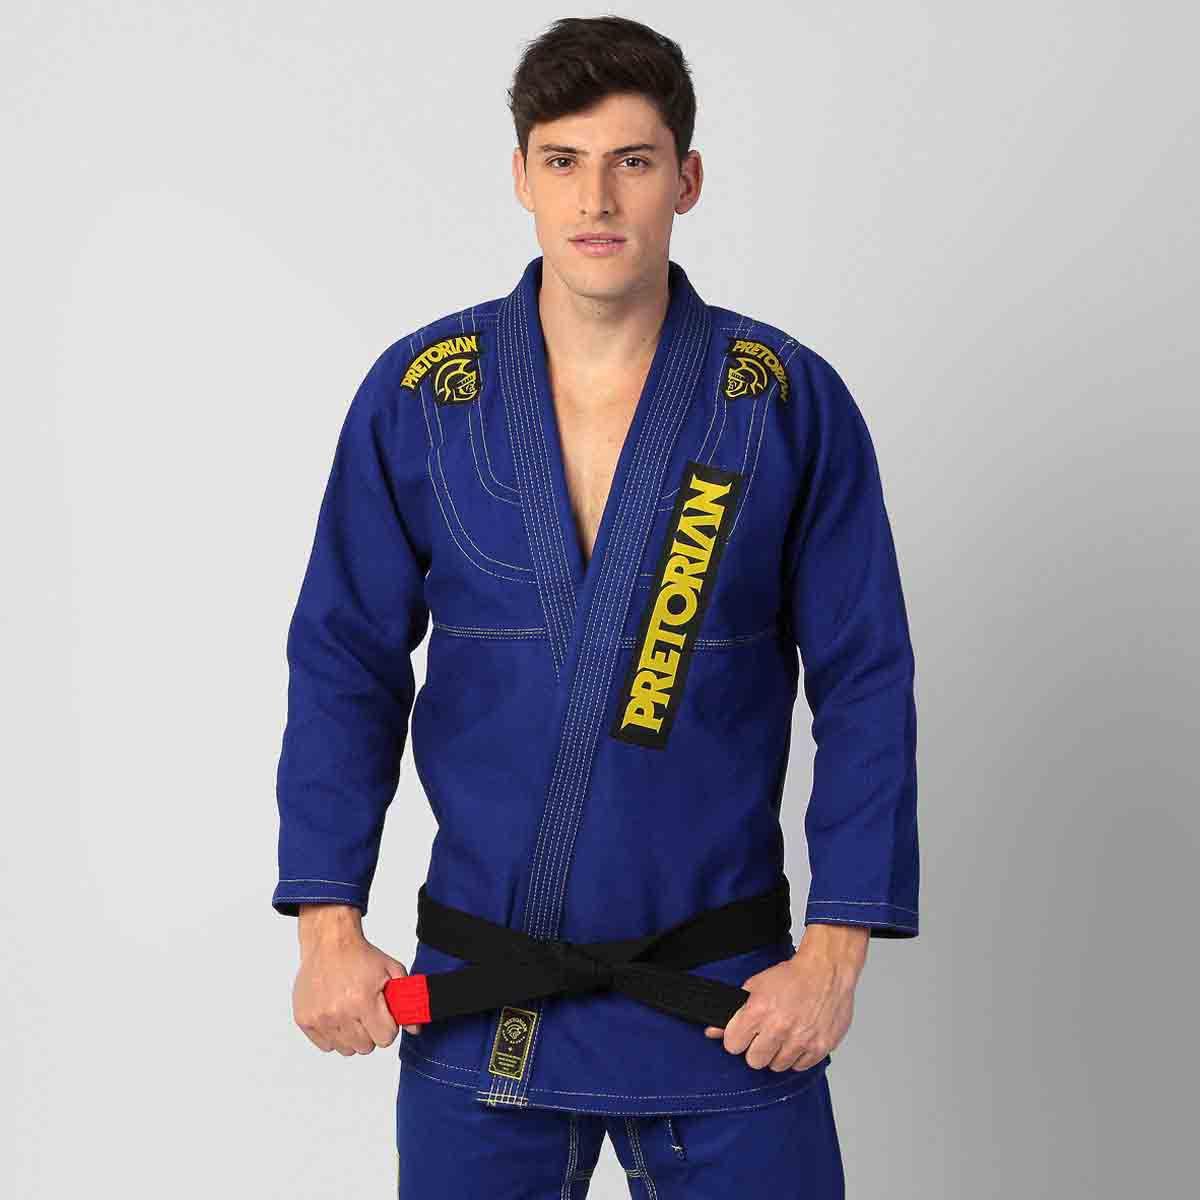 Kimono Jiu Jitsu - Pretorian Pro - Azul